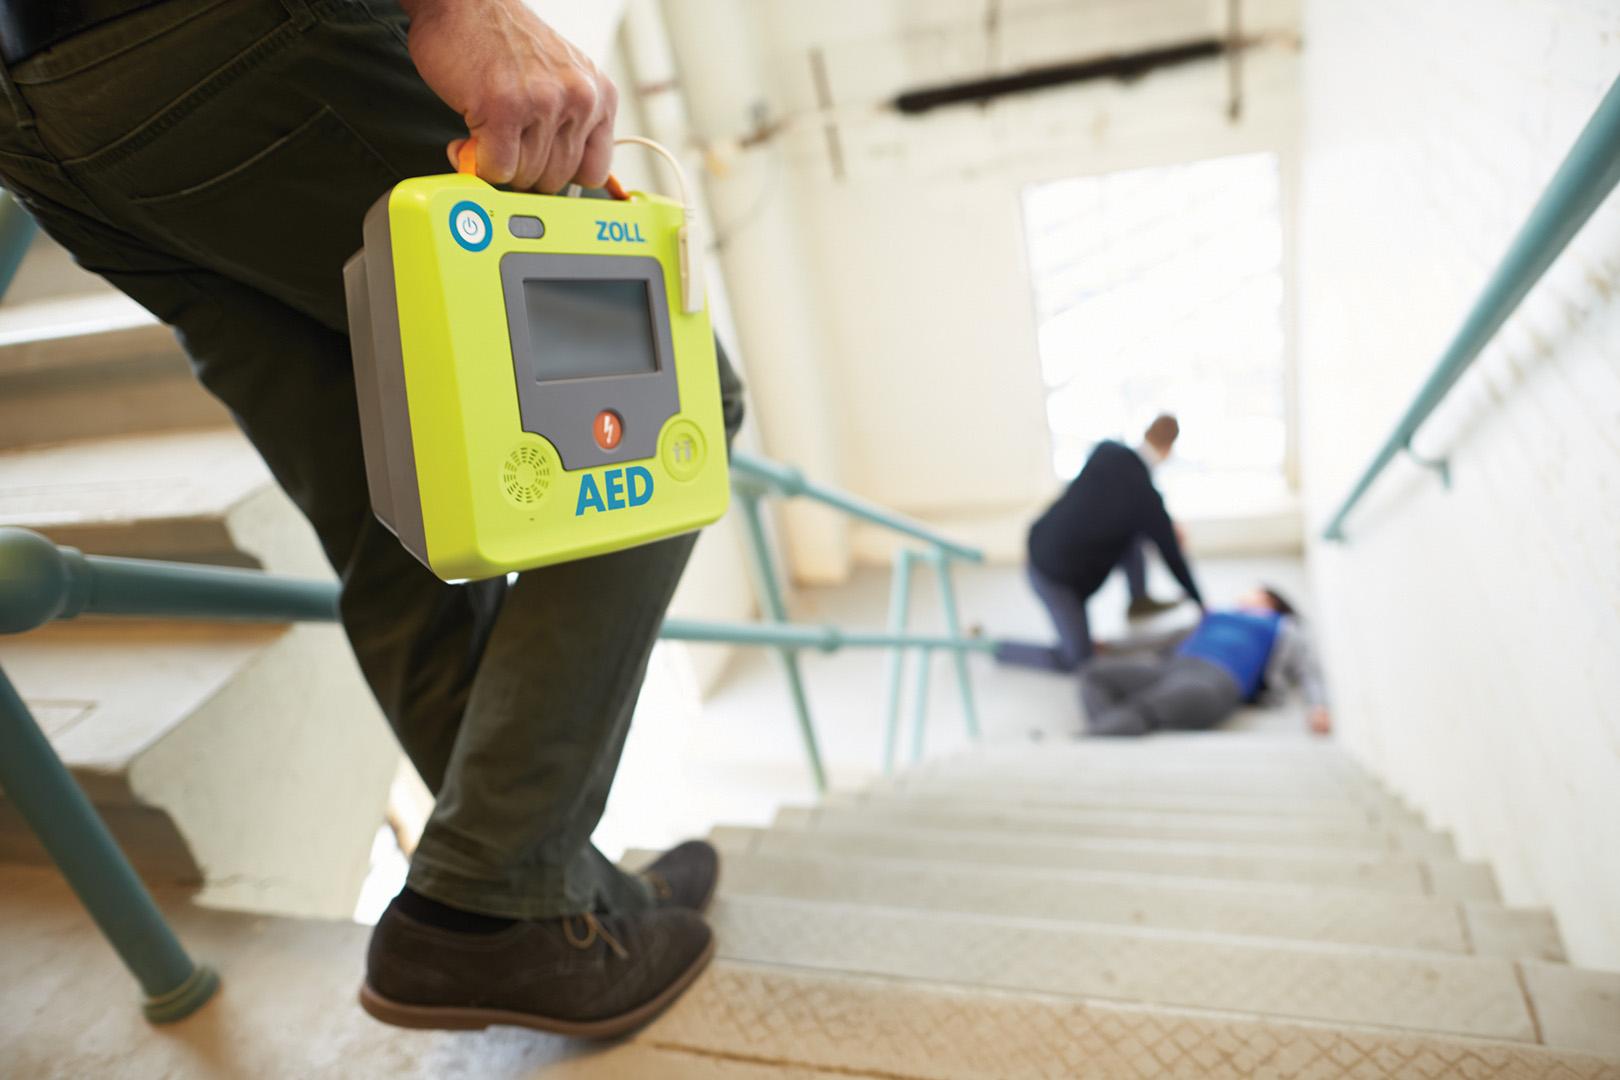 La Regione Emilia Romagna stanzia i fondi per installare i defibrillatori negli impianti sportivi. Ecco come ottenerli